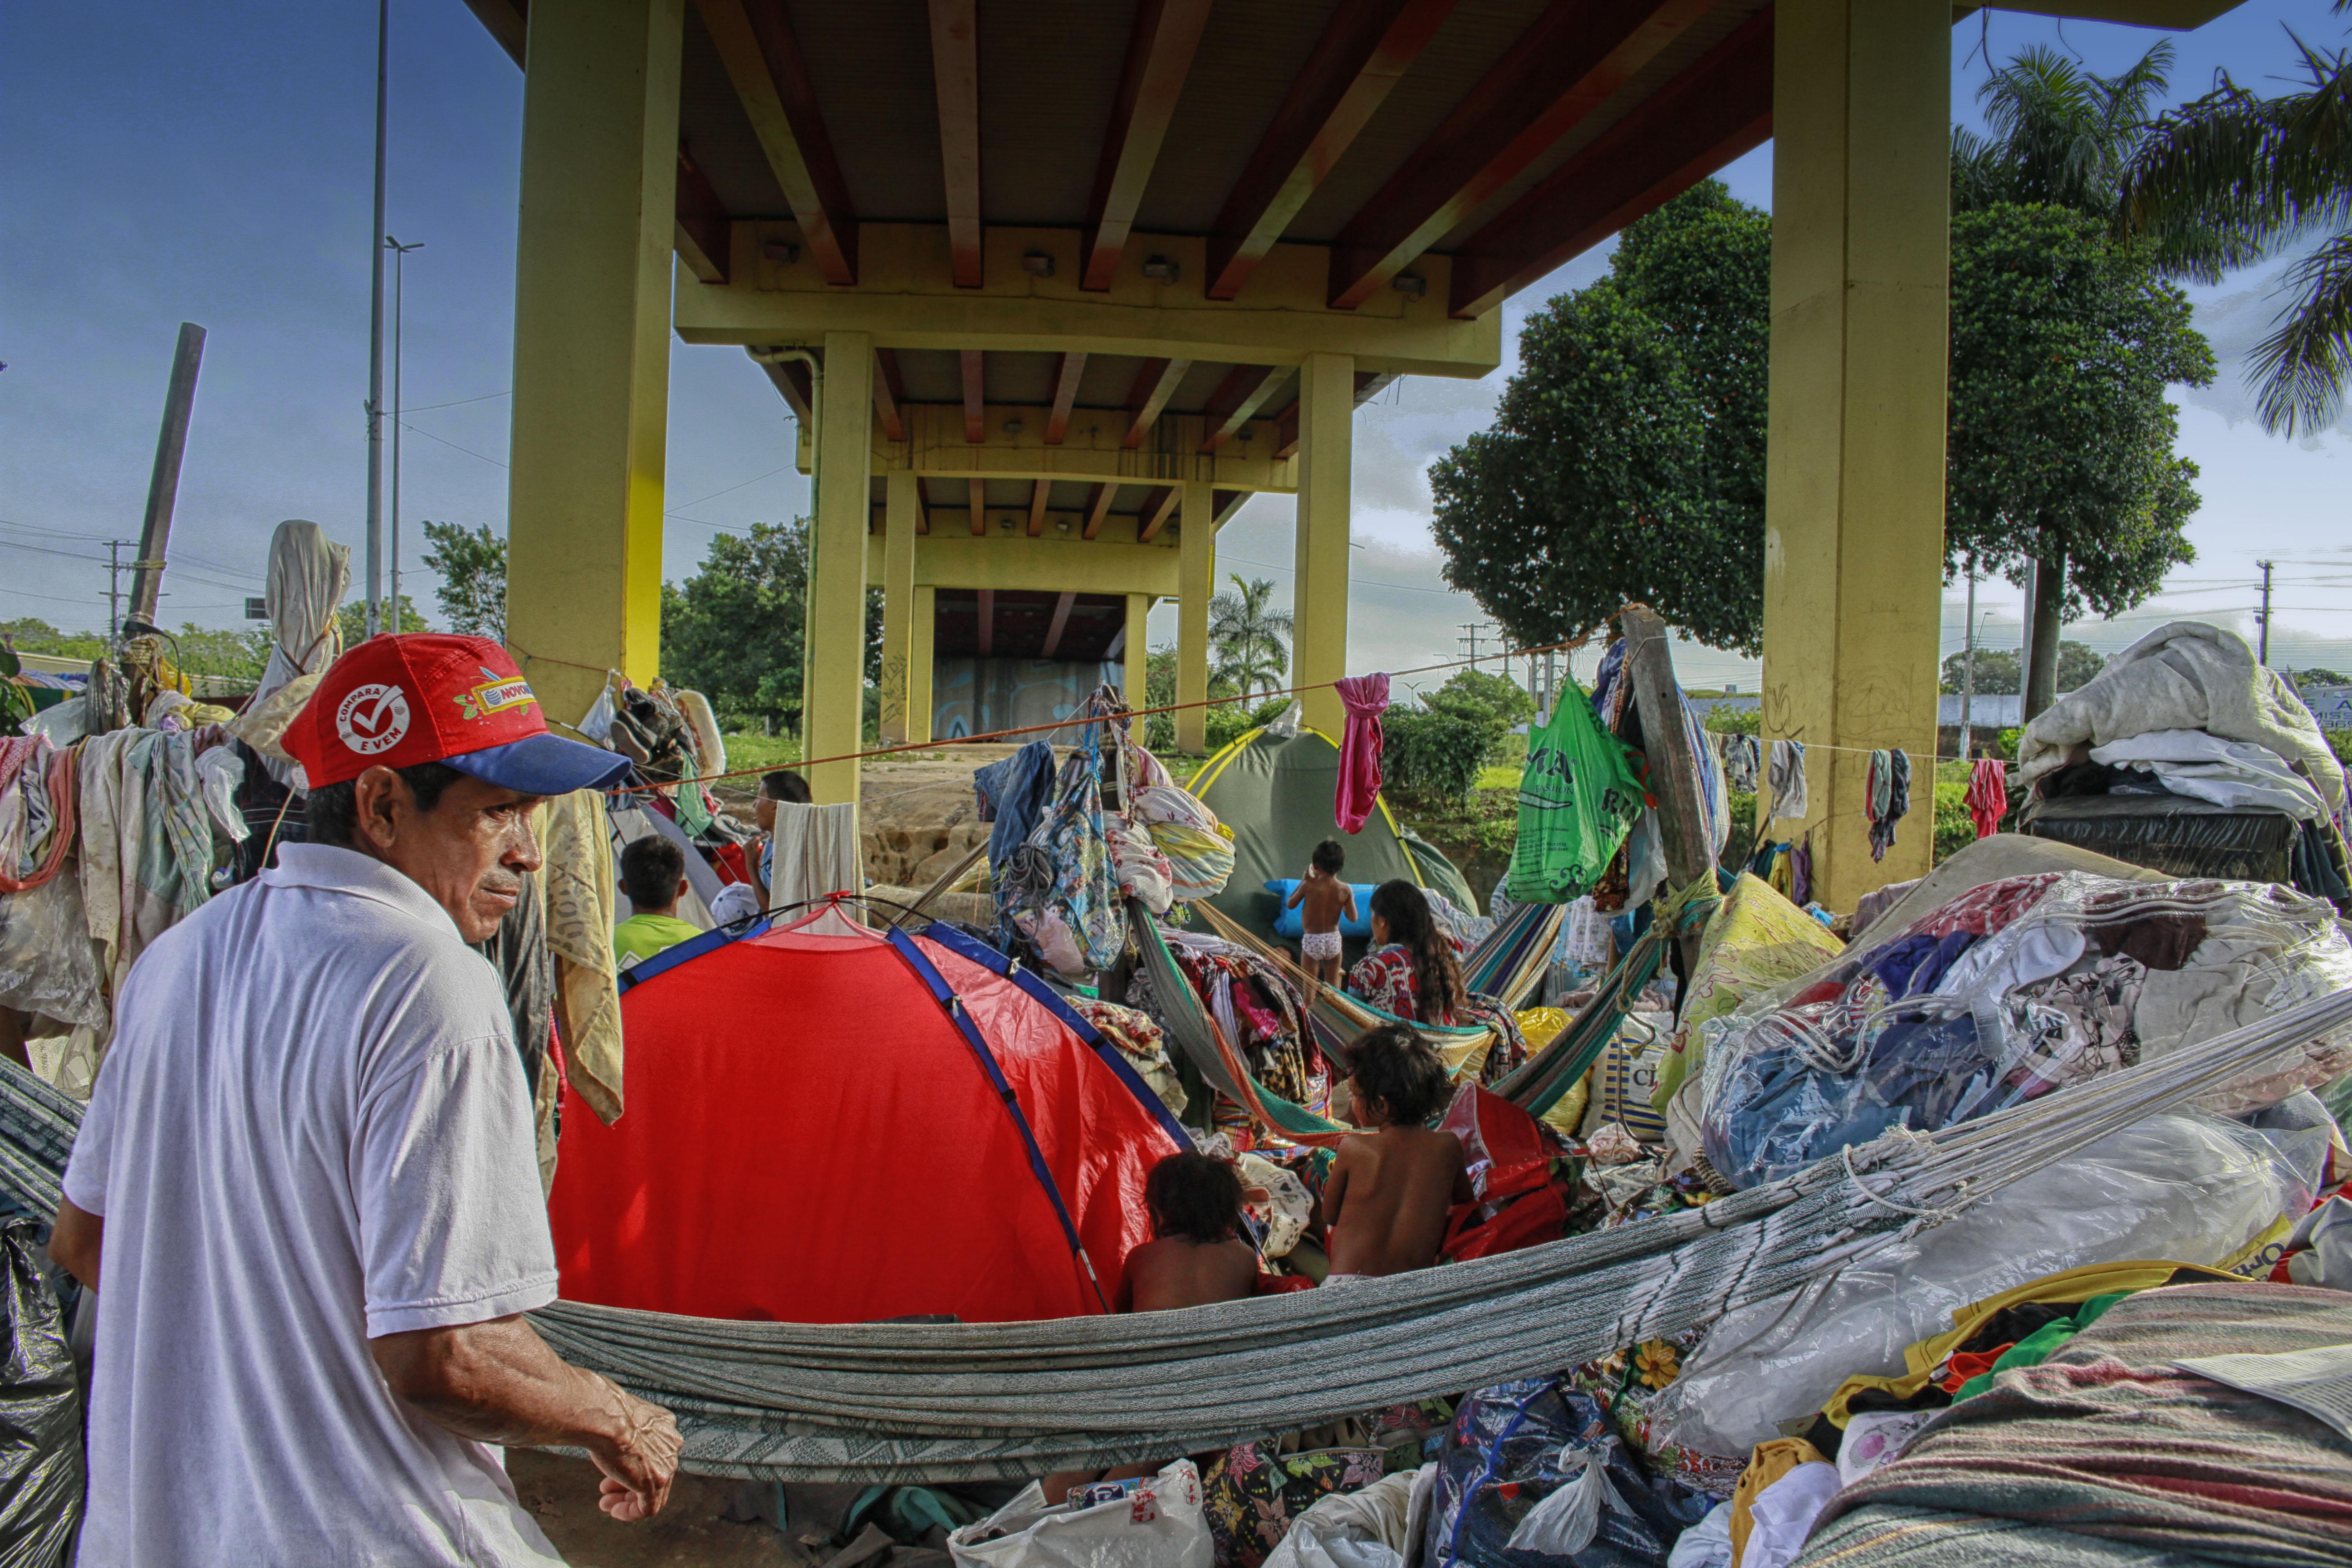 Crise na Venezuela: Dos 500 índios Warao refugiados metade vive embaixo de viadutos em Manaus